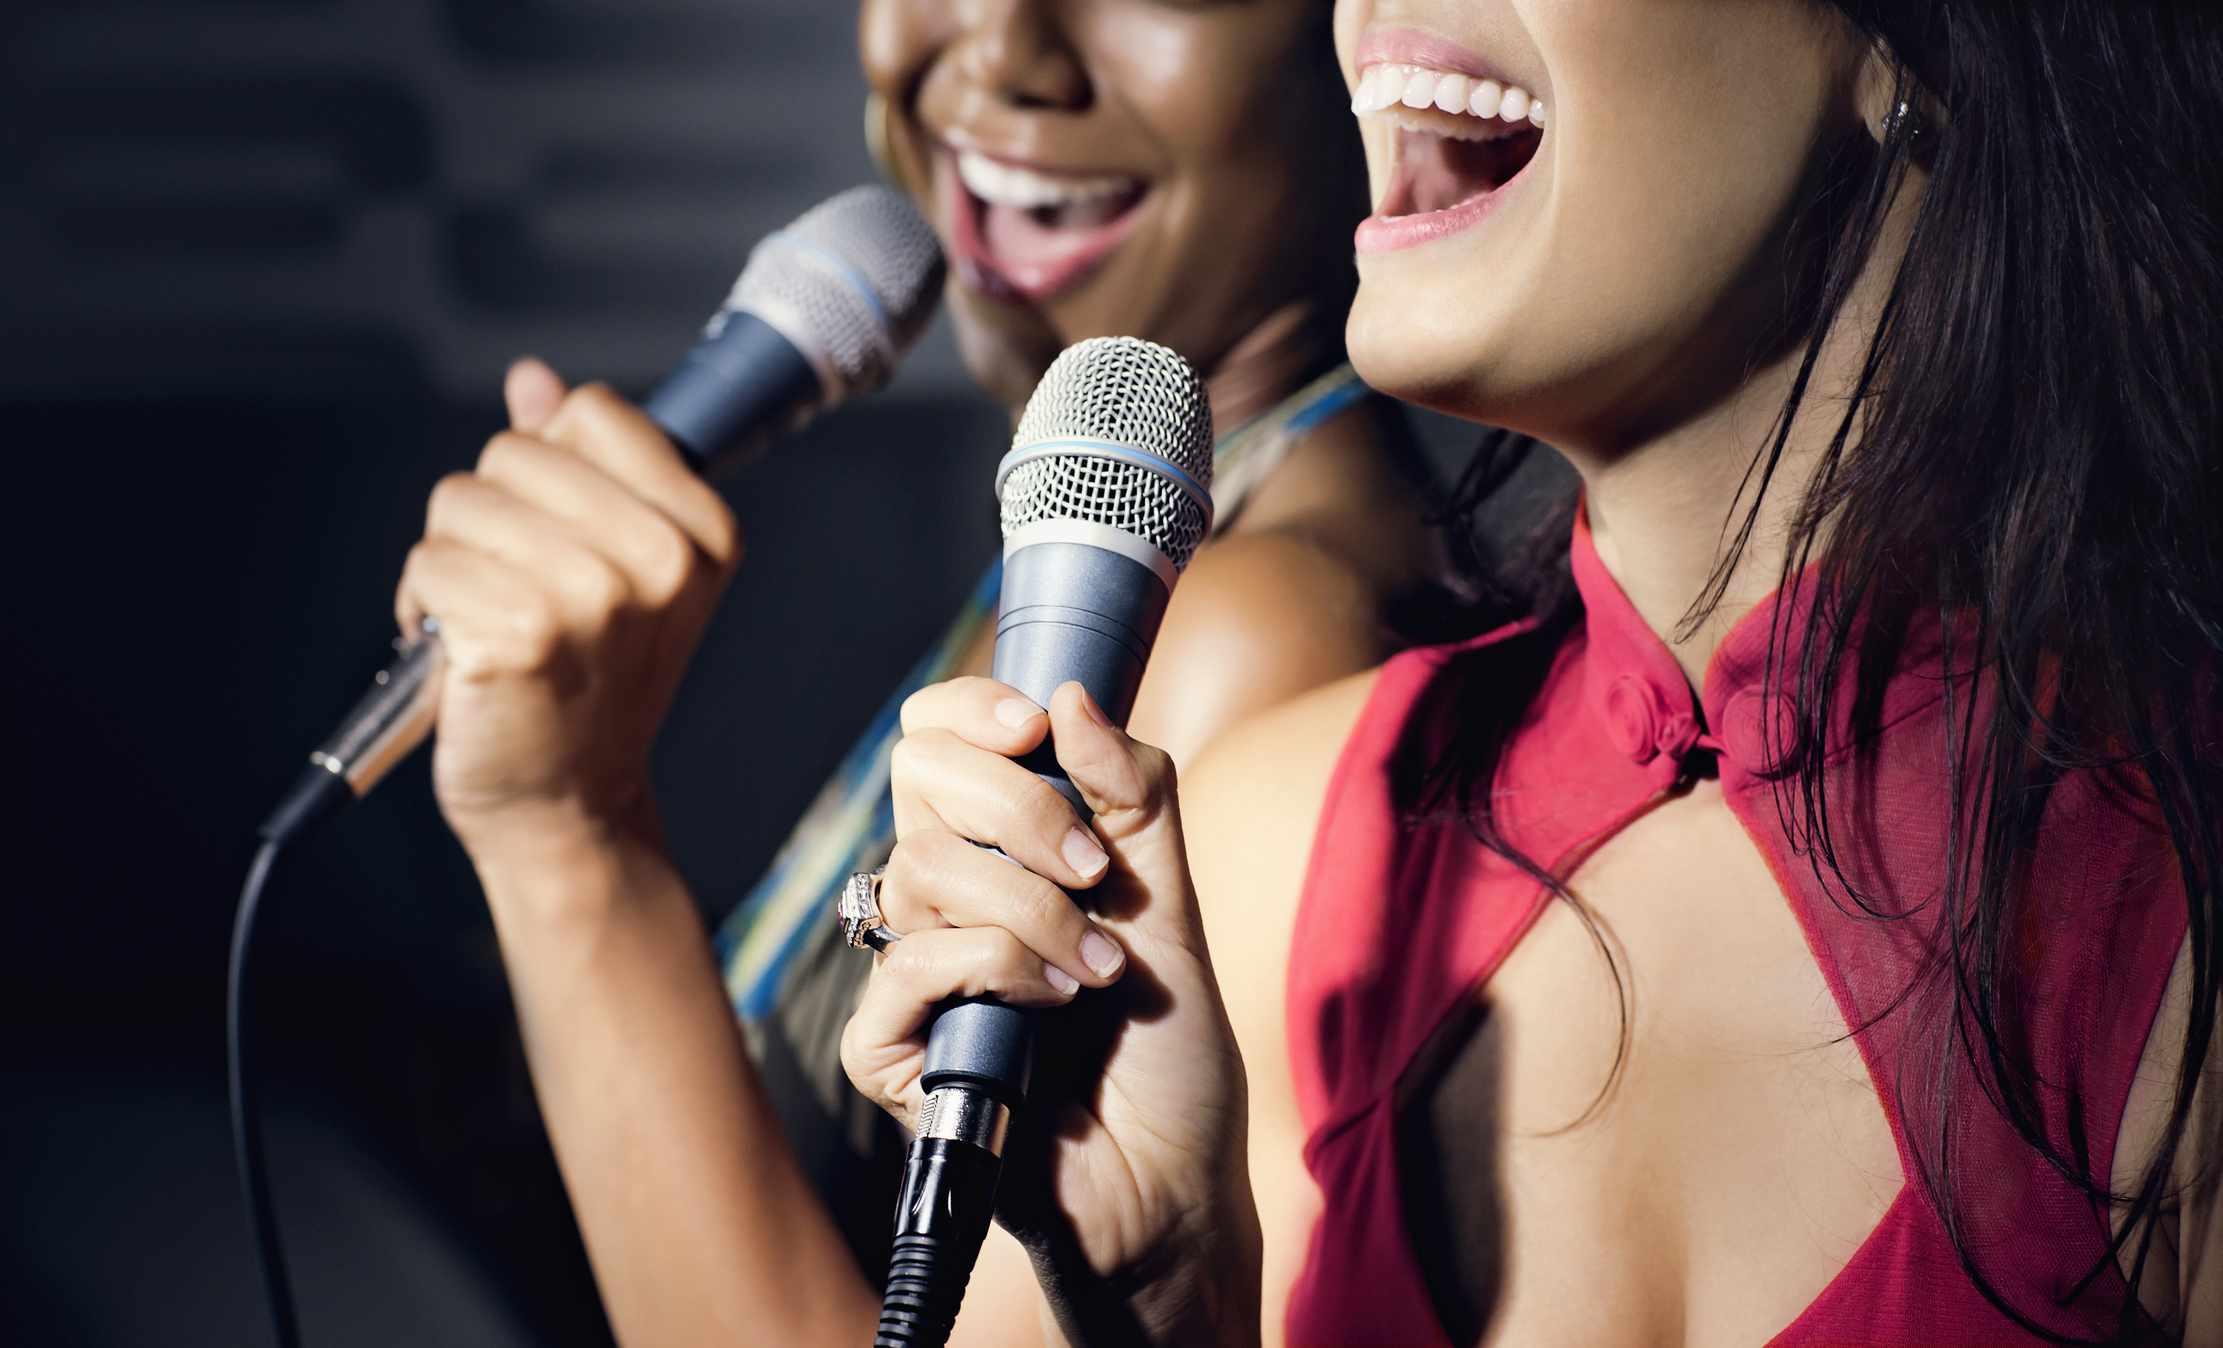 Two women sing karaoke